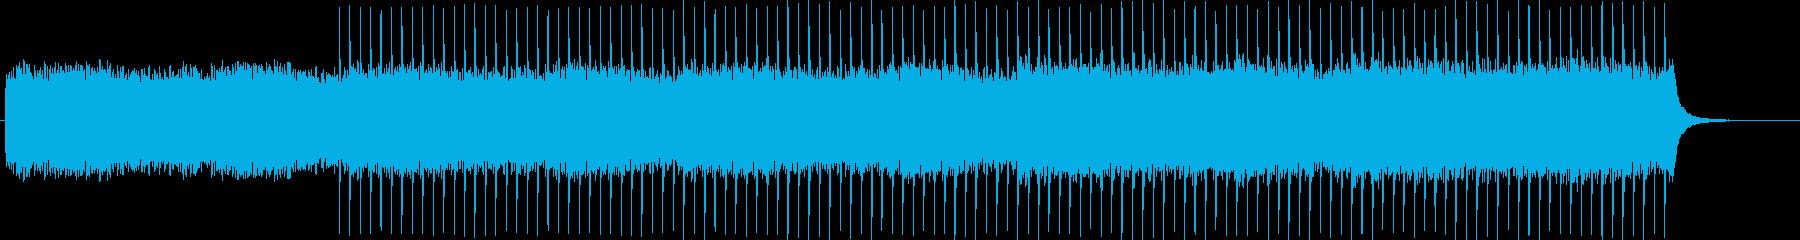 Corporate Piano 133の再生済みの波形